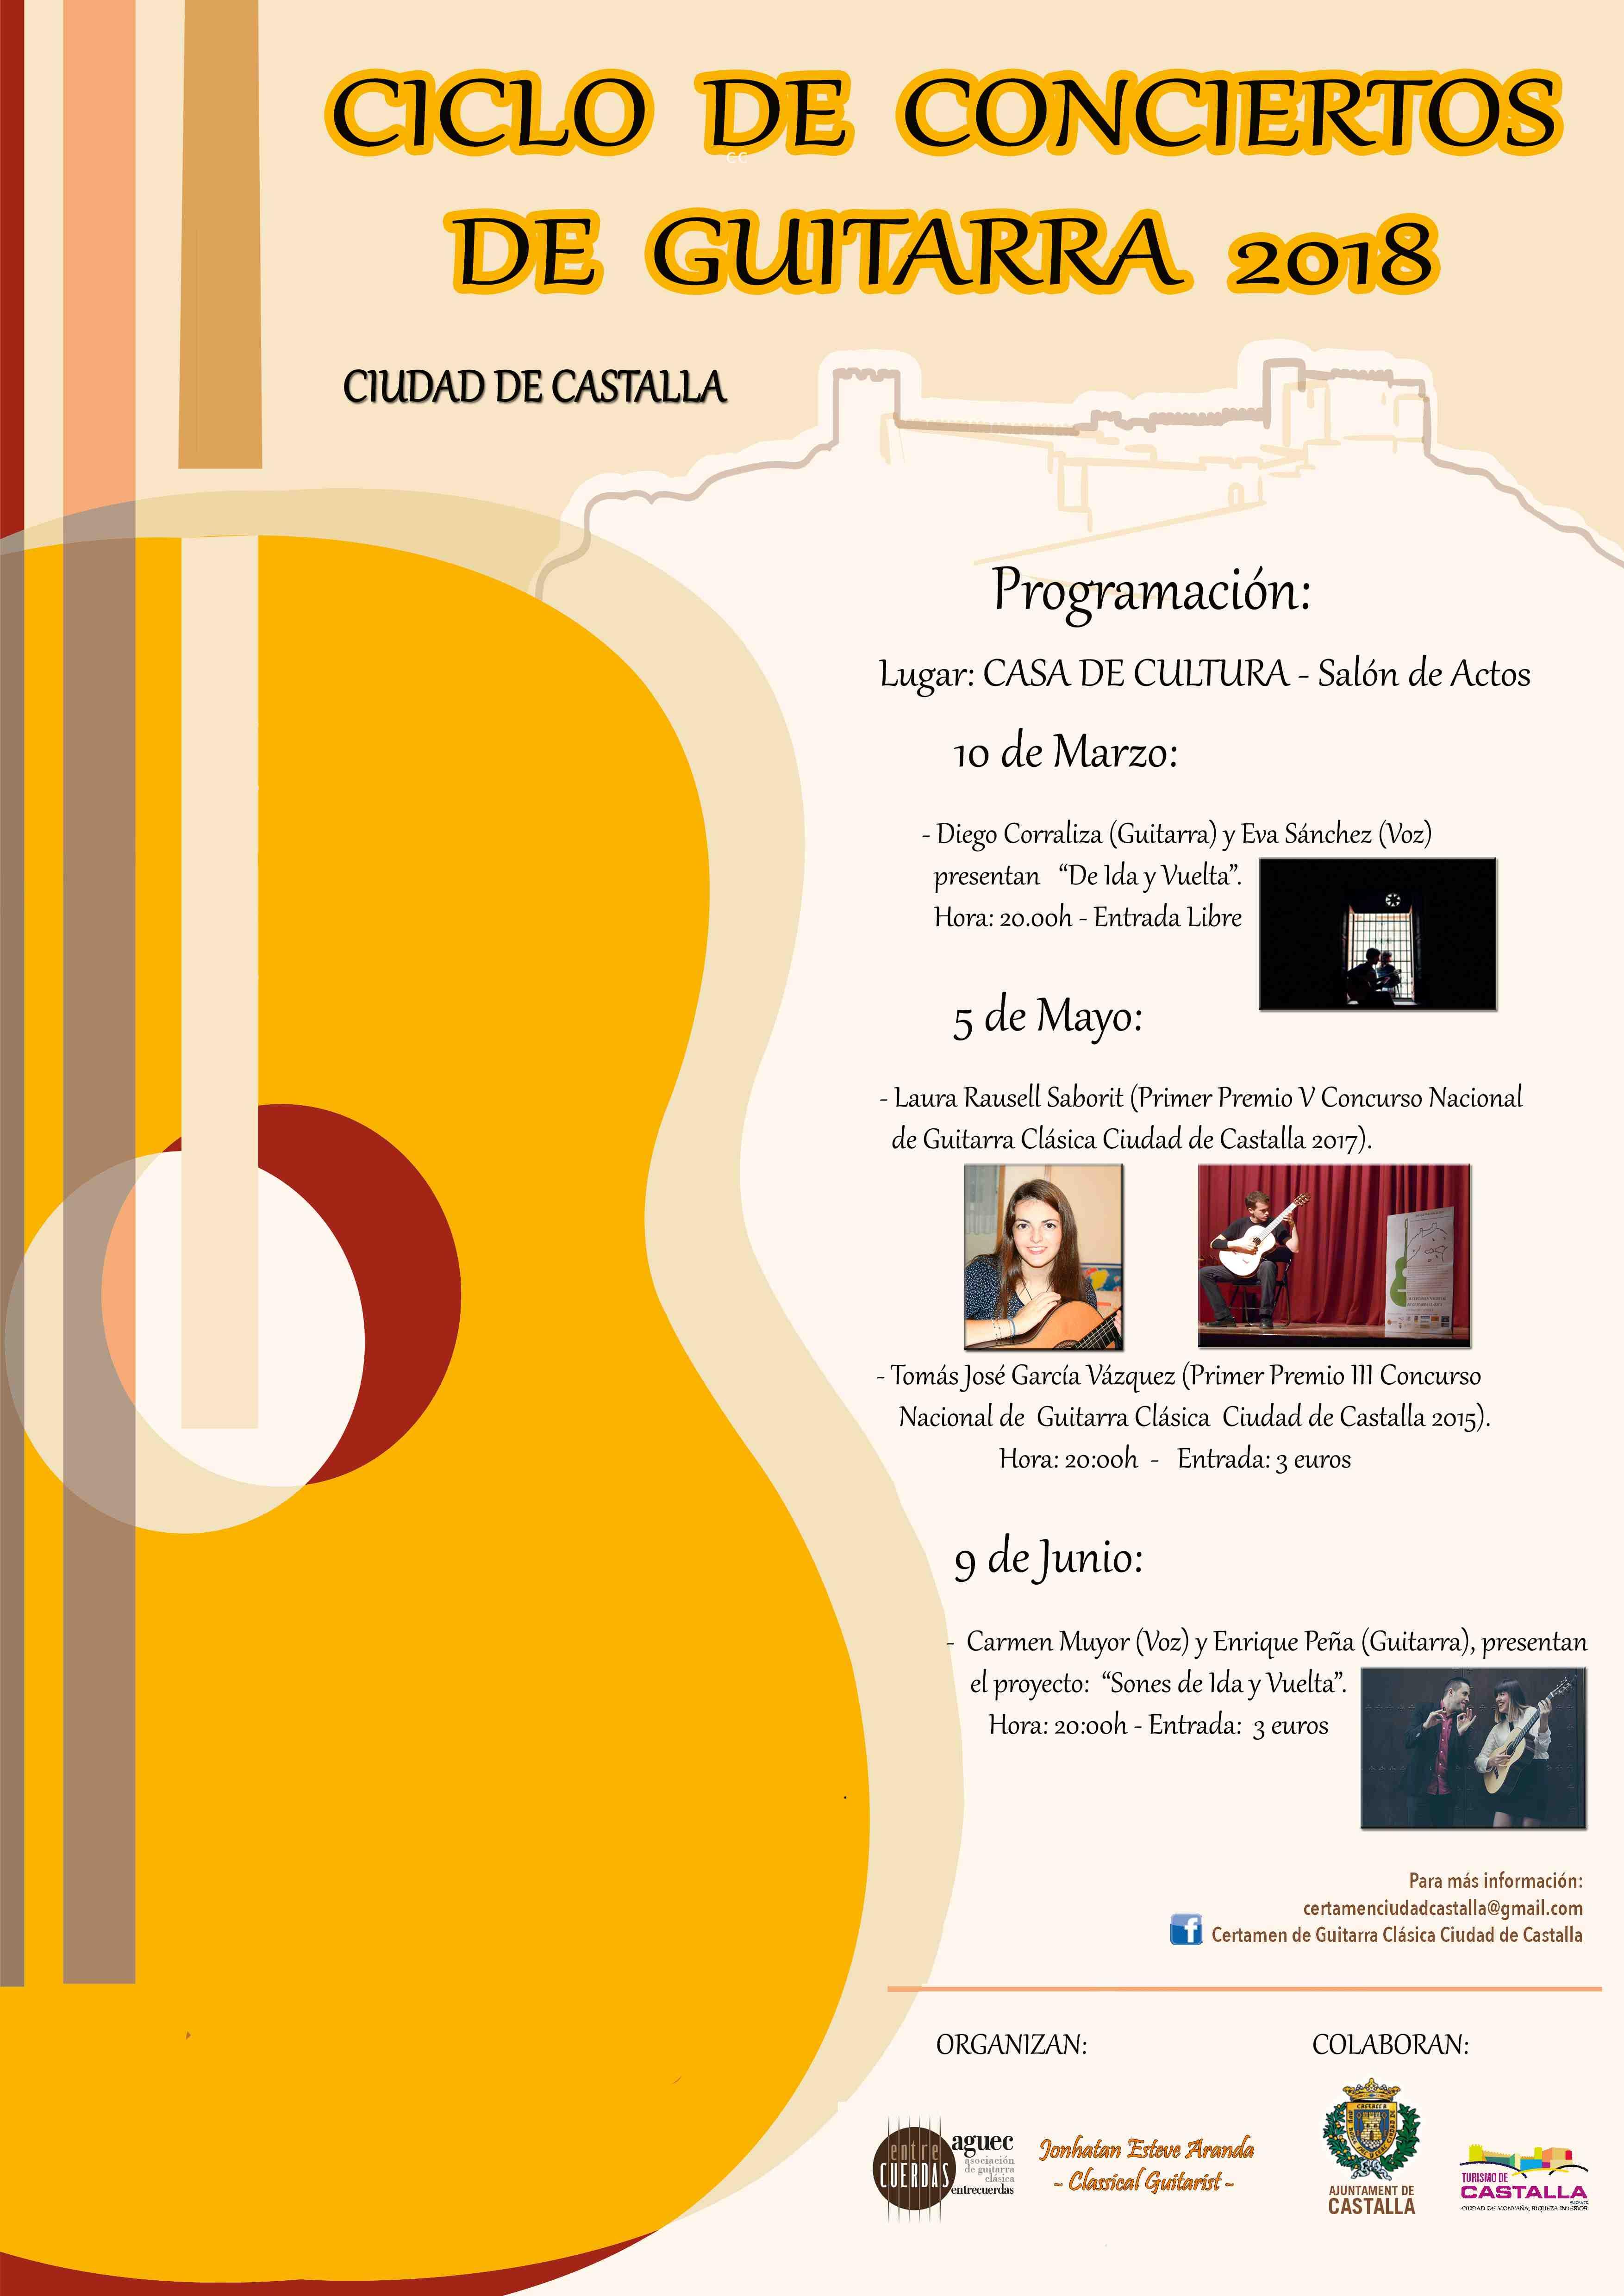 Jonathan Esteve Aranda organiza en Castalla un ciclo de conciertos de guitarra